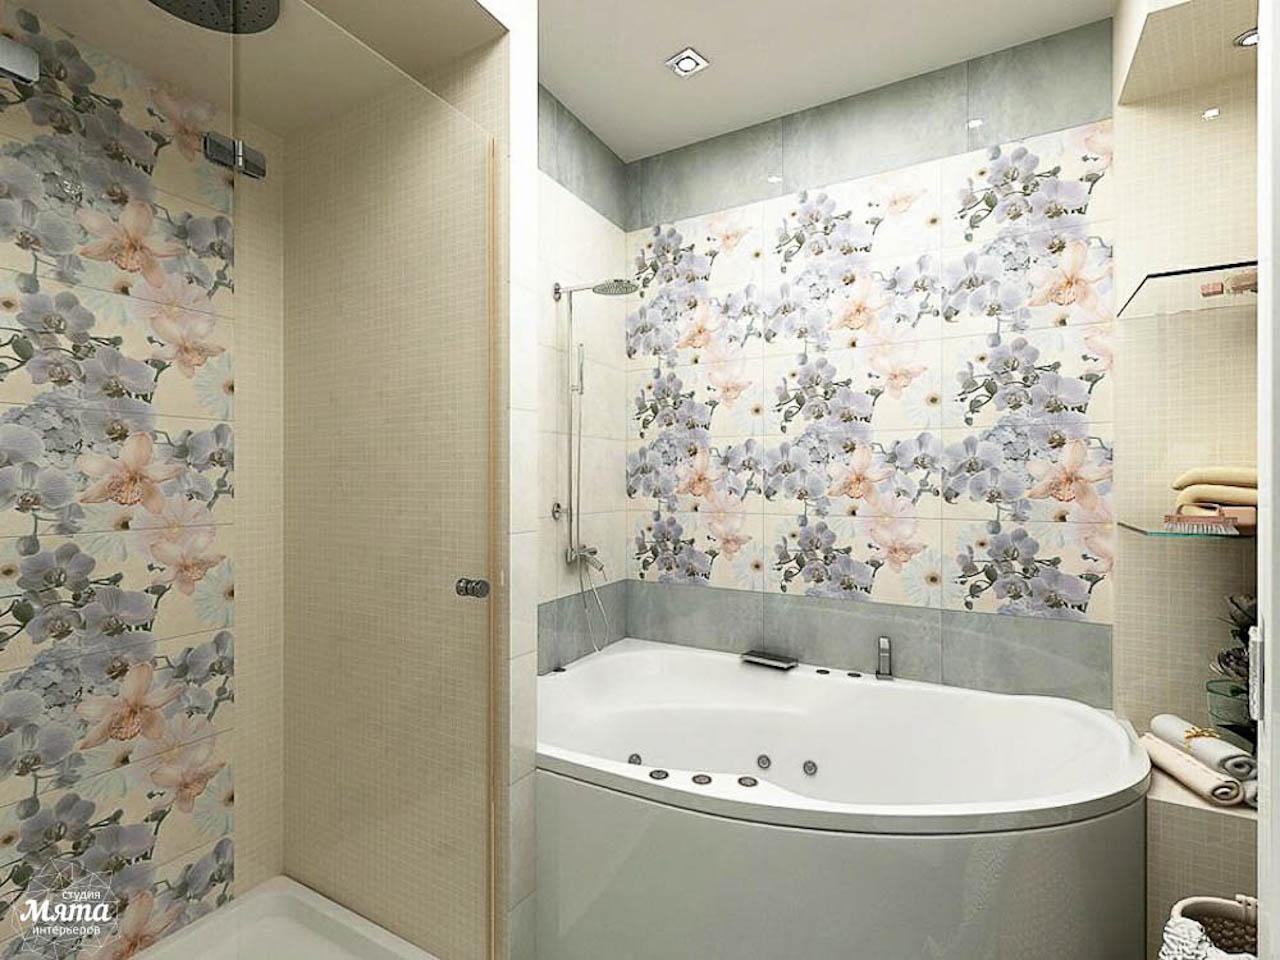 Дизайн интерьера трехкомнатной квартиры по ул. Куйбышева 80/1 img102708561